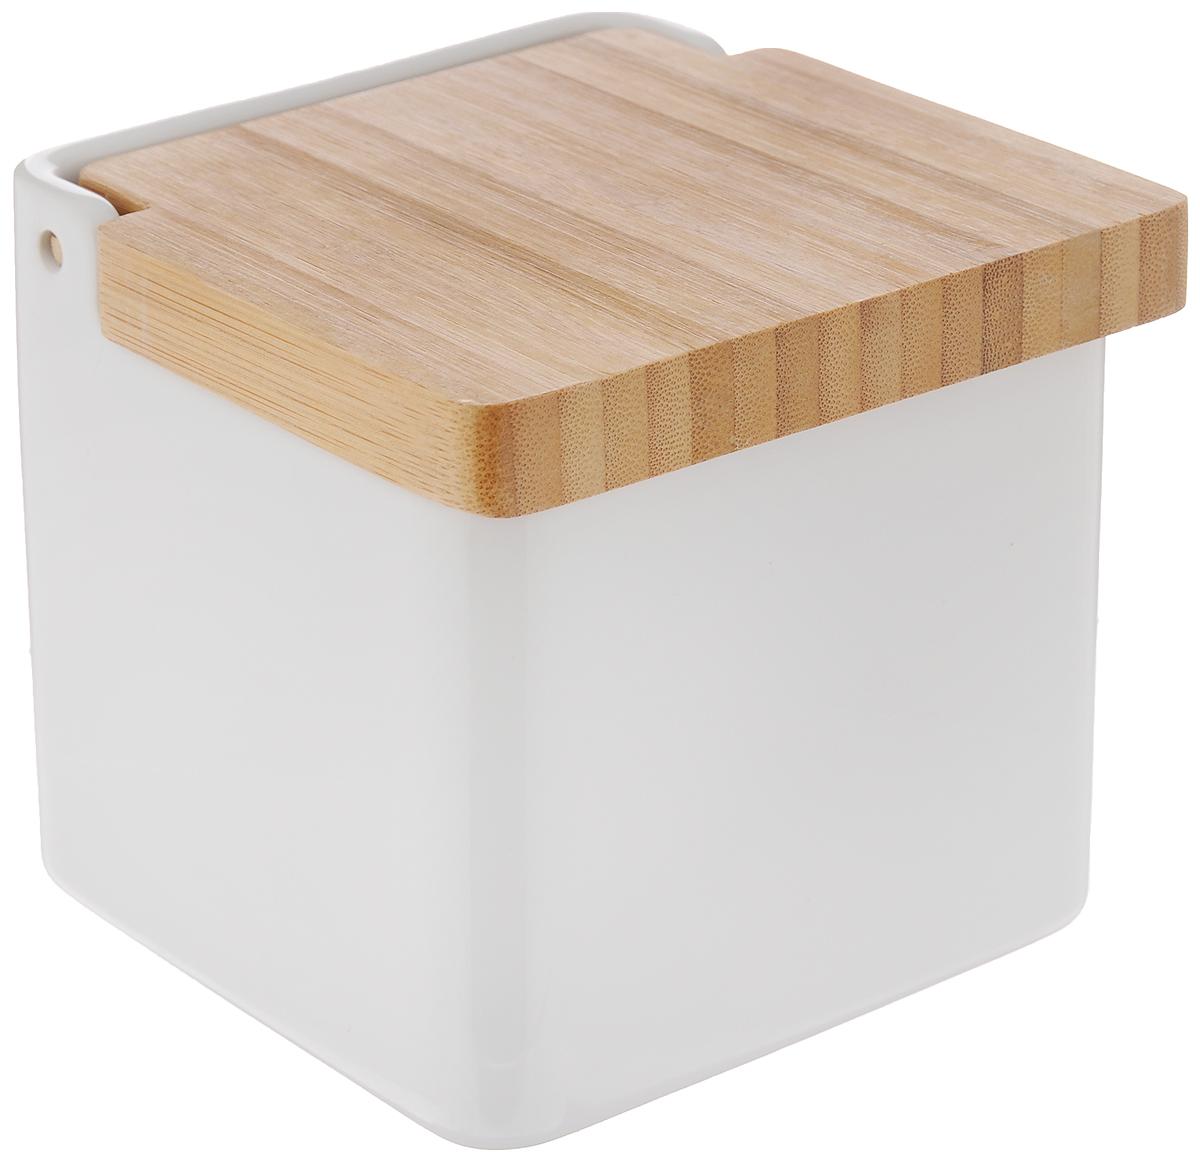 Емкость для сыпучих продуктов Tescoma Online, 750 мл900884Емкость для сыпучих продуктов Tescoma Online изготовлена из высококачественной керамики. Крышка выполнена из прочной древесины бамбука. Продукты дольше остаются свежими и ароматными. Банка подходит для хранения круп, муки, чая, соли, панировочных сухарей и многого другого. Исключительный внешний вид изделия позволяет идеально вписать его в любой интерьер.Нельзя мыть в посудомоечной машине.